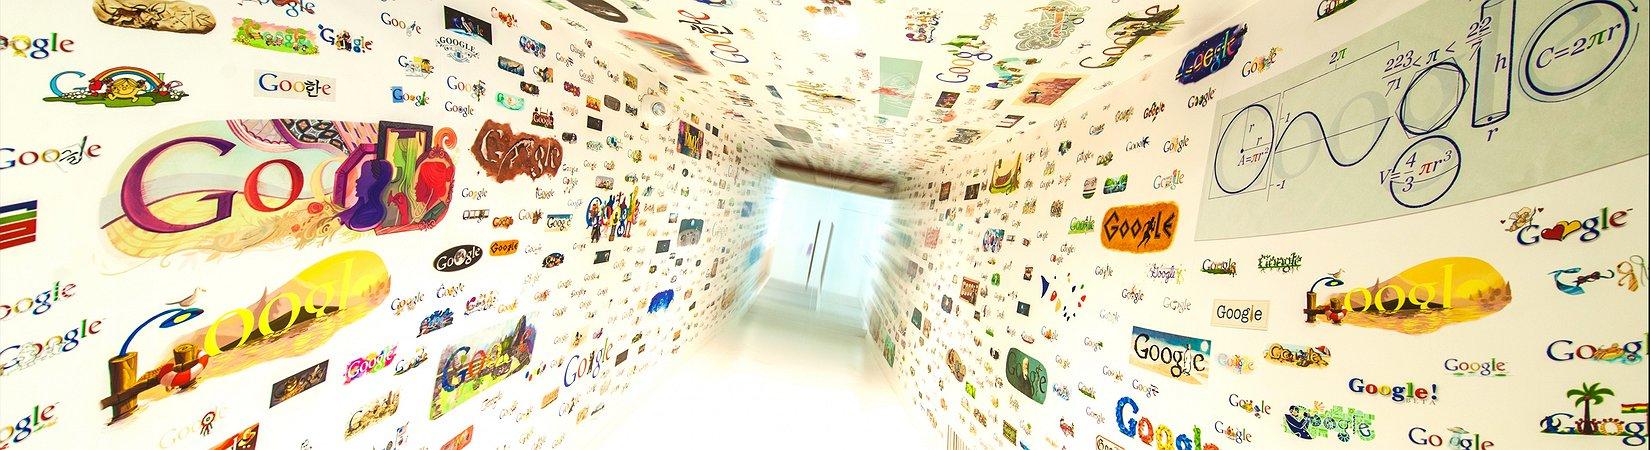 26 fotos que nos muestran cómo son las oficinas de Google por todo el mundo